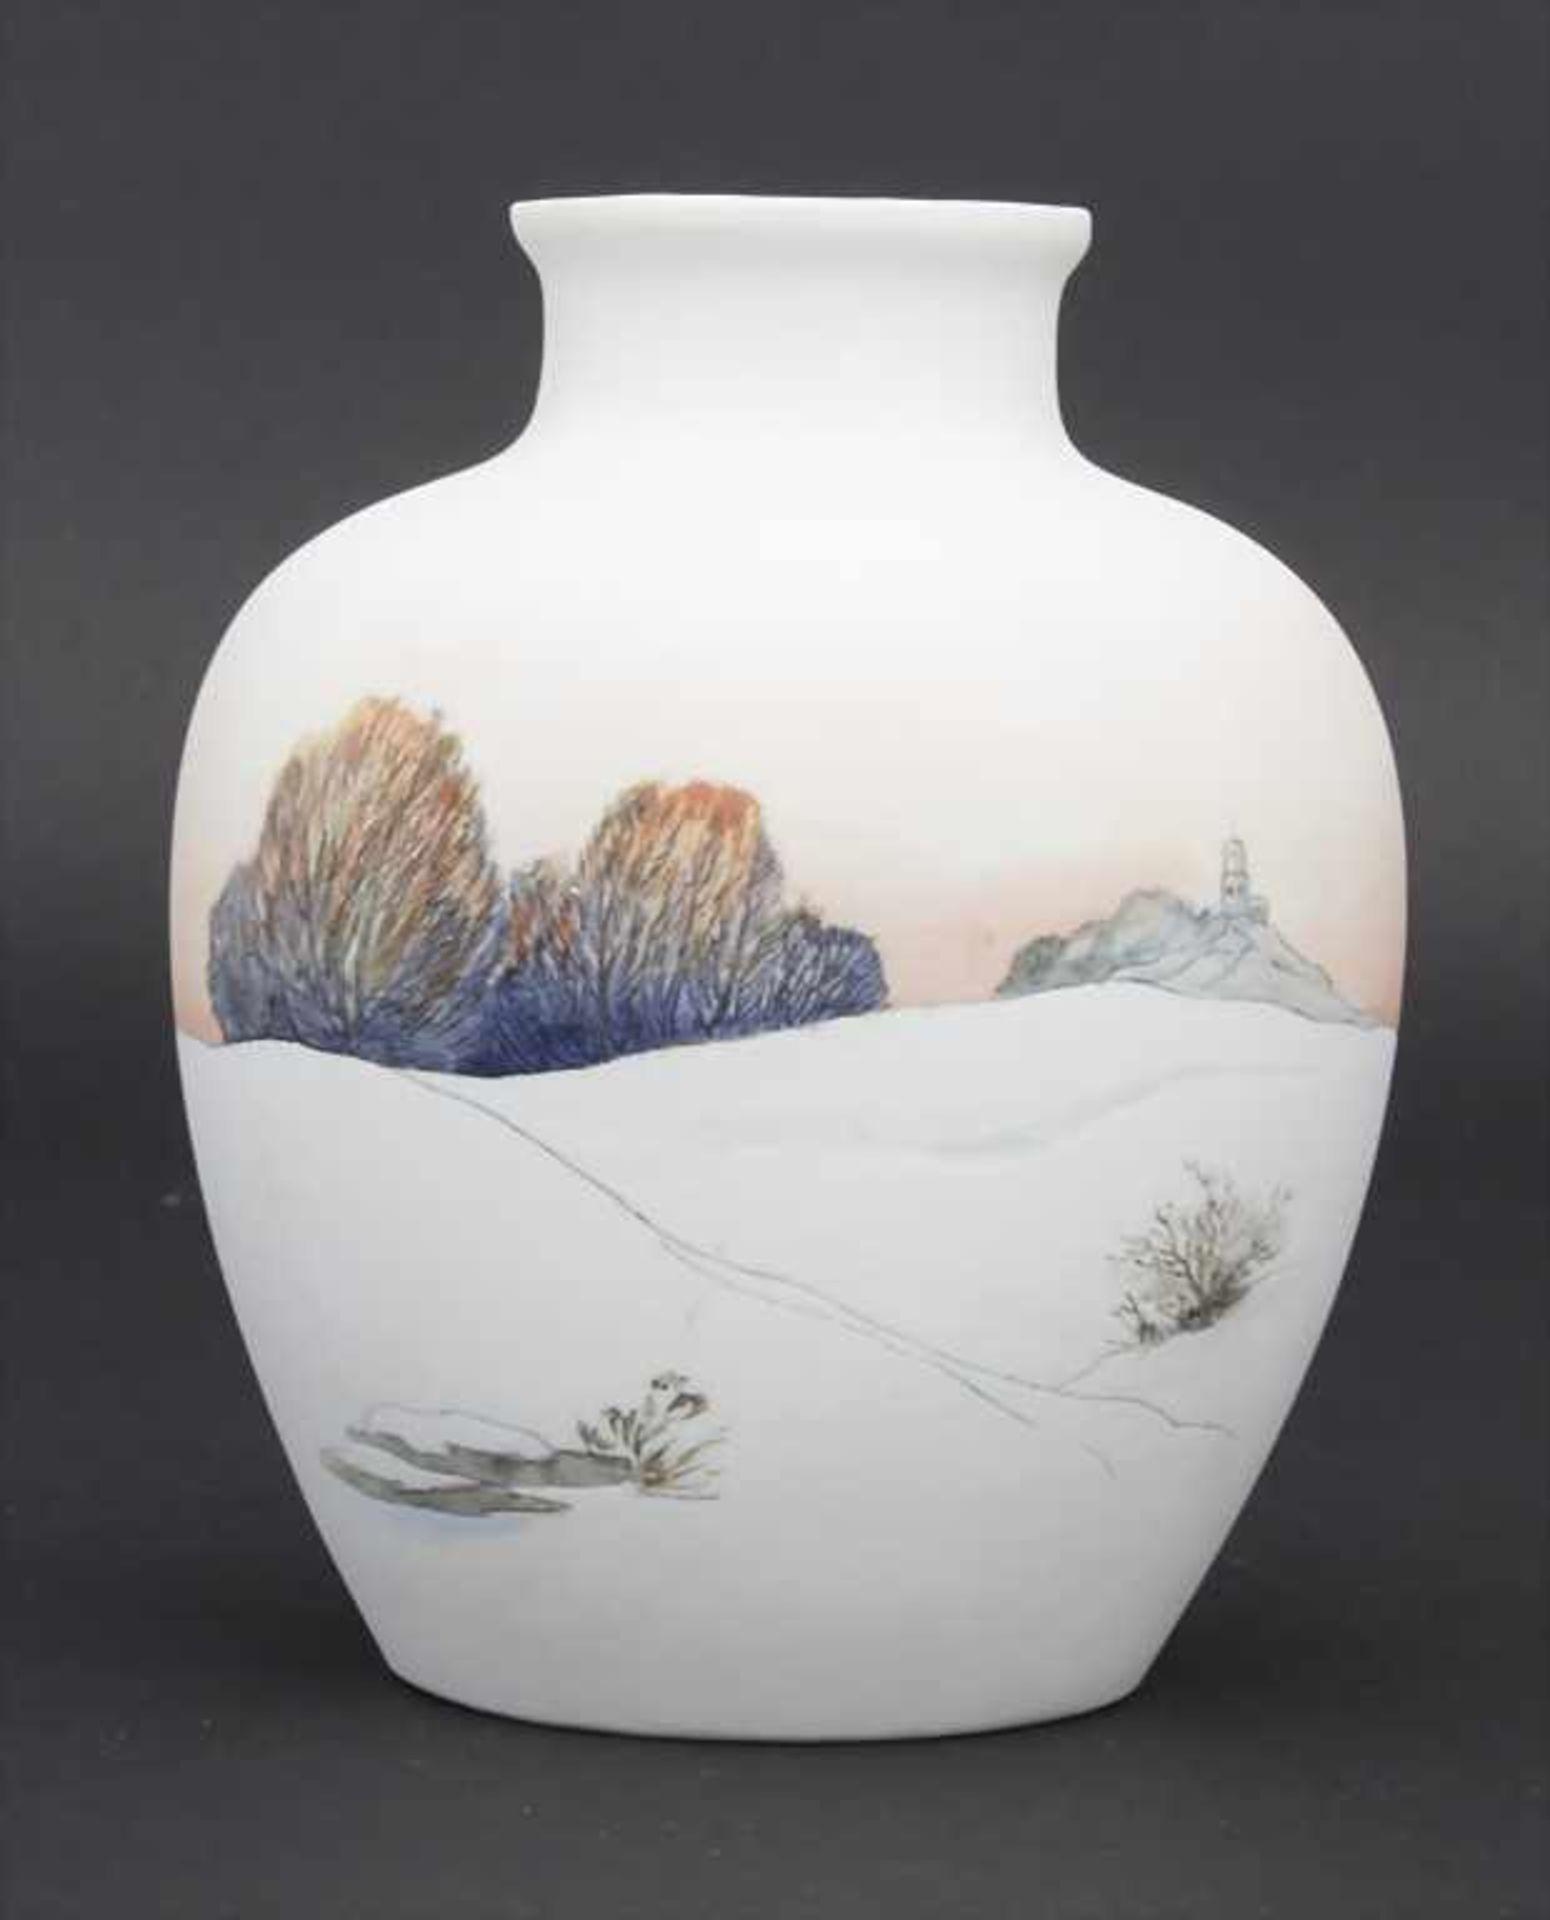 Vase mit Winterlandschaft / A vase with a winter landscape, Karl Ens, Volkstedt, um 1900 - Bild 2 aus 6